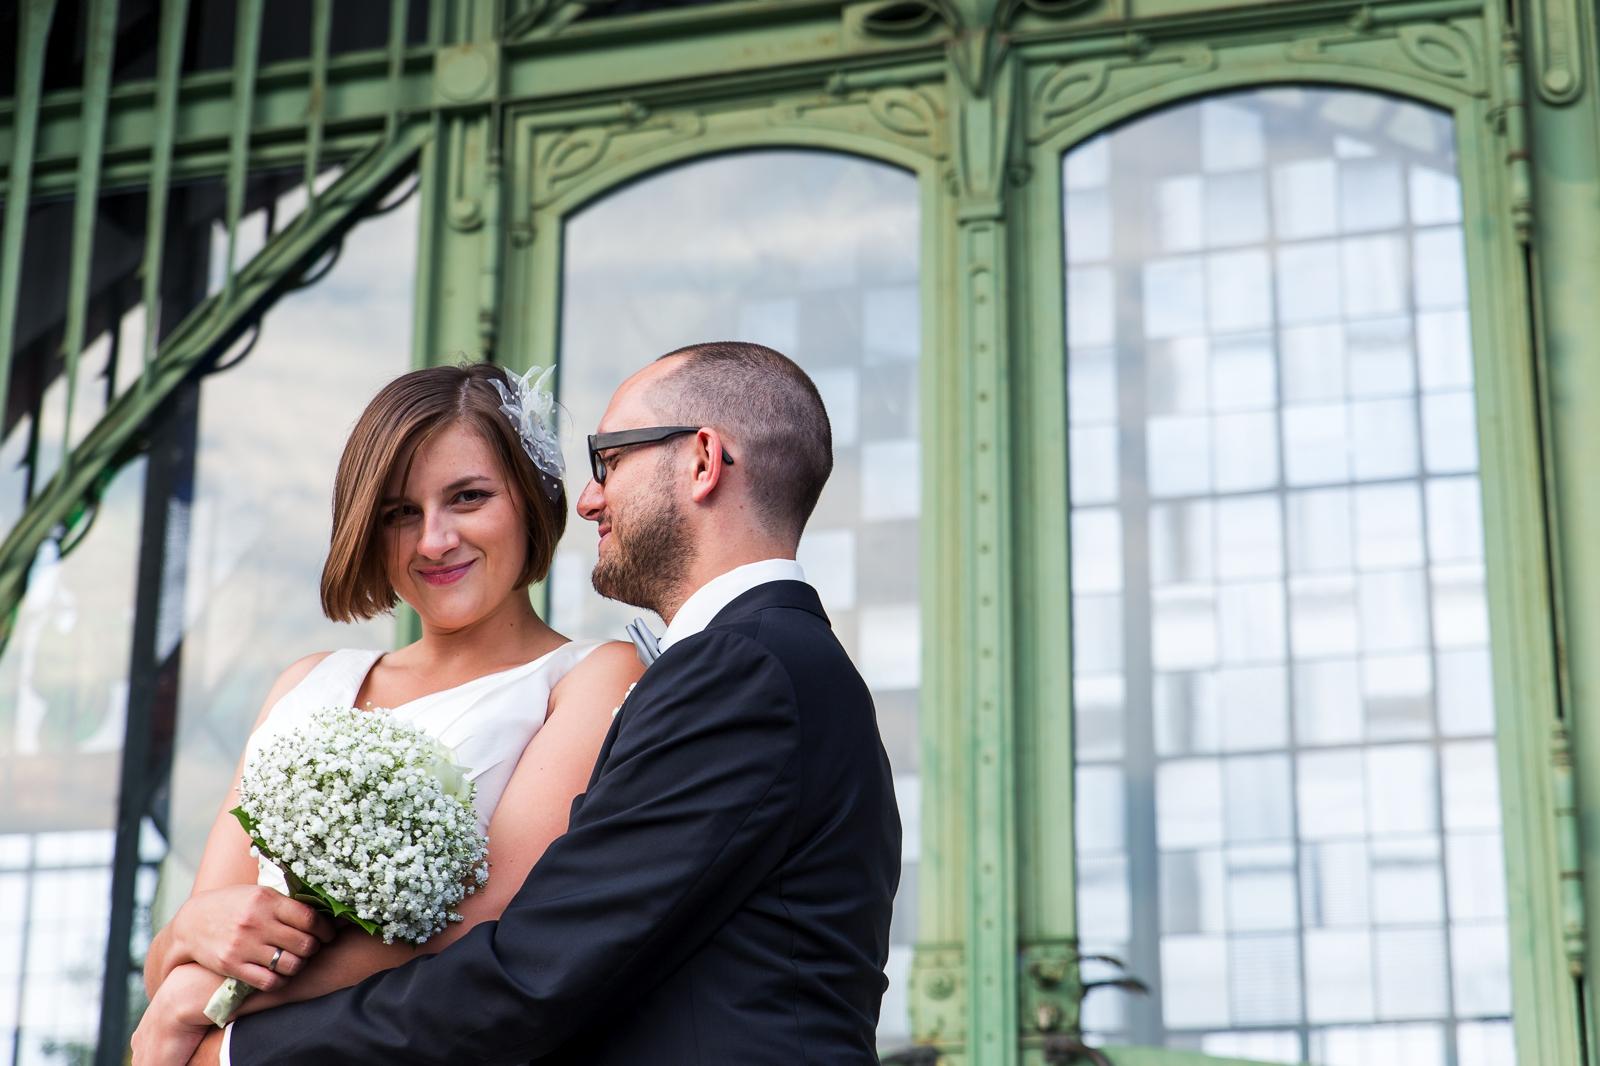 Monstergraphie_Hochzeitsreportage_Dortmund_Zeche_Zollern13.jpg?fit=1600%2C1066